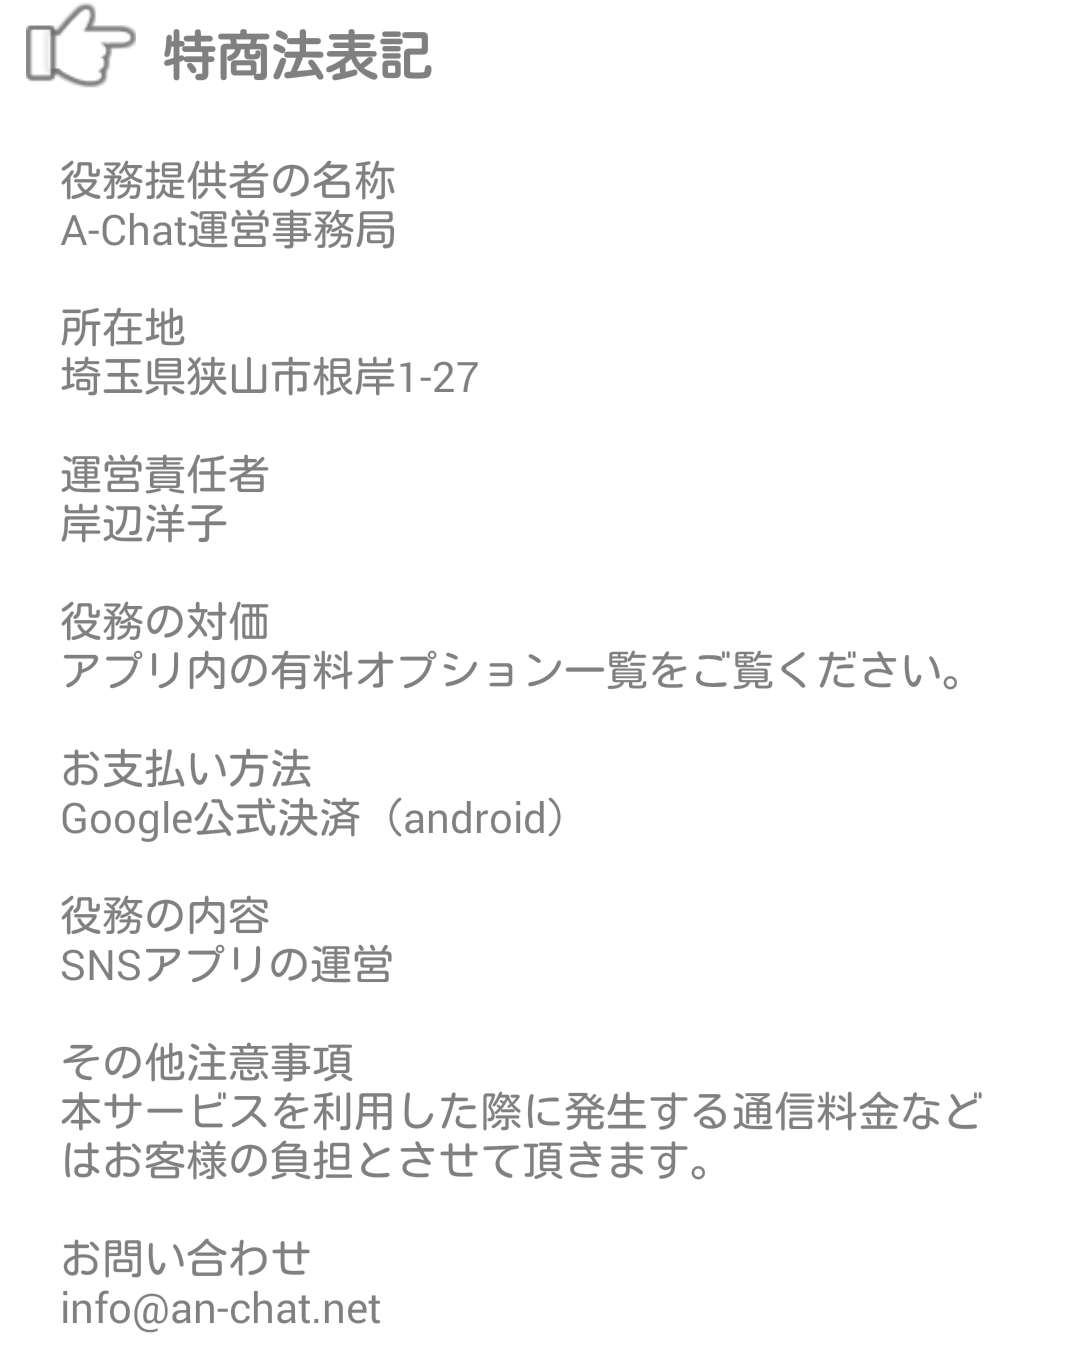 出会い・恋人探しはA-Chat!無料チャットアプリの運営会社